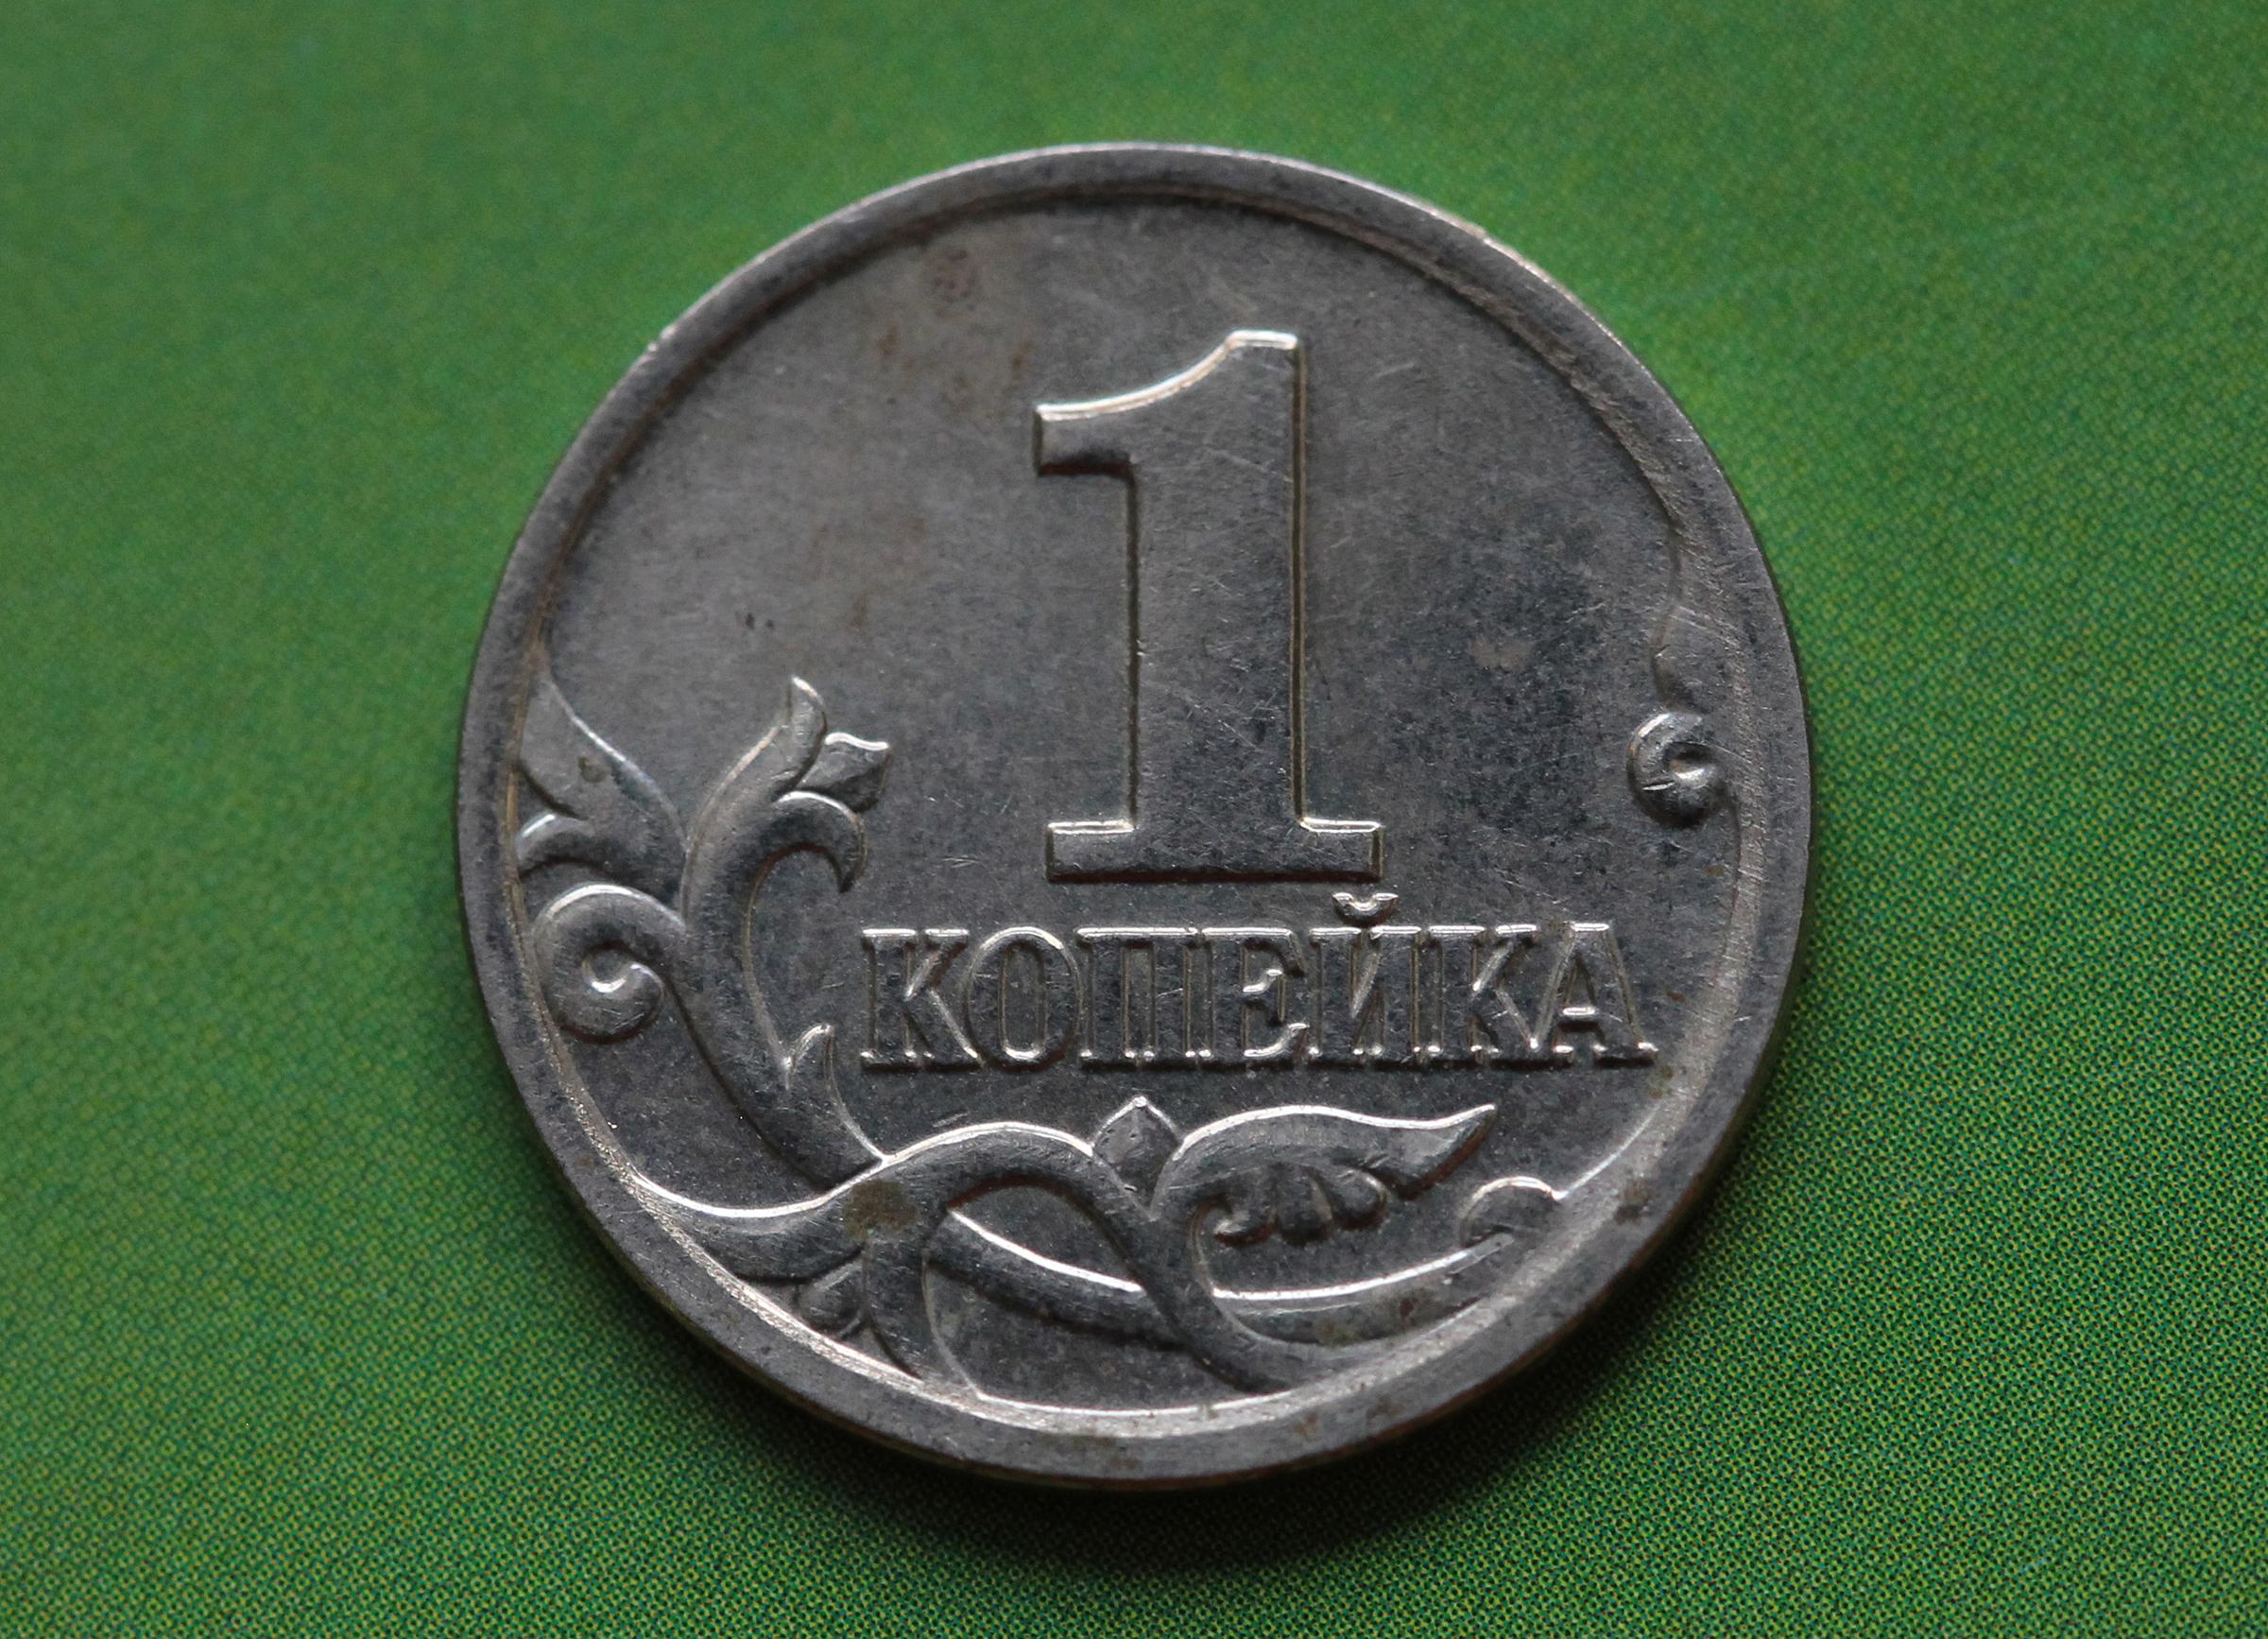 1 января в России началась денежная реформа, которая готовилась с лета 1997 года. Теперь одному новому рублю соответствовали 1000 старых (образца 1993 и 1995 годов), в обращение вошли монеты достоинством в 1, 5, 10, 50 коп. и 1, 2, 5 руб.